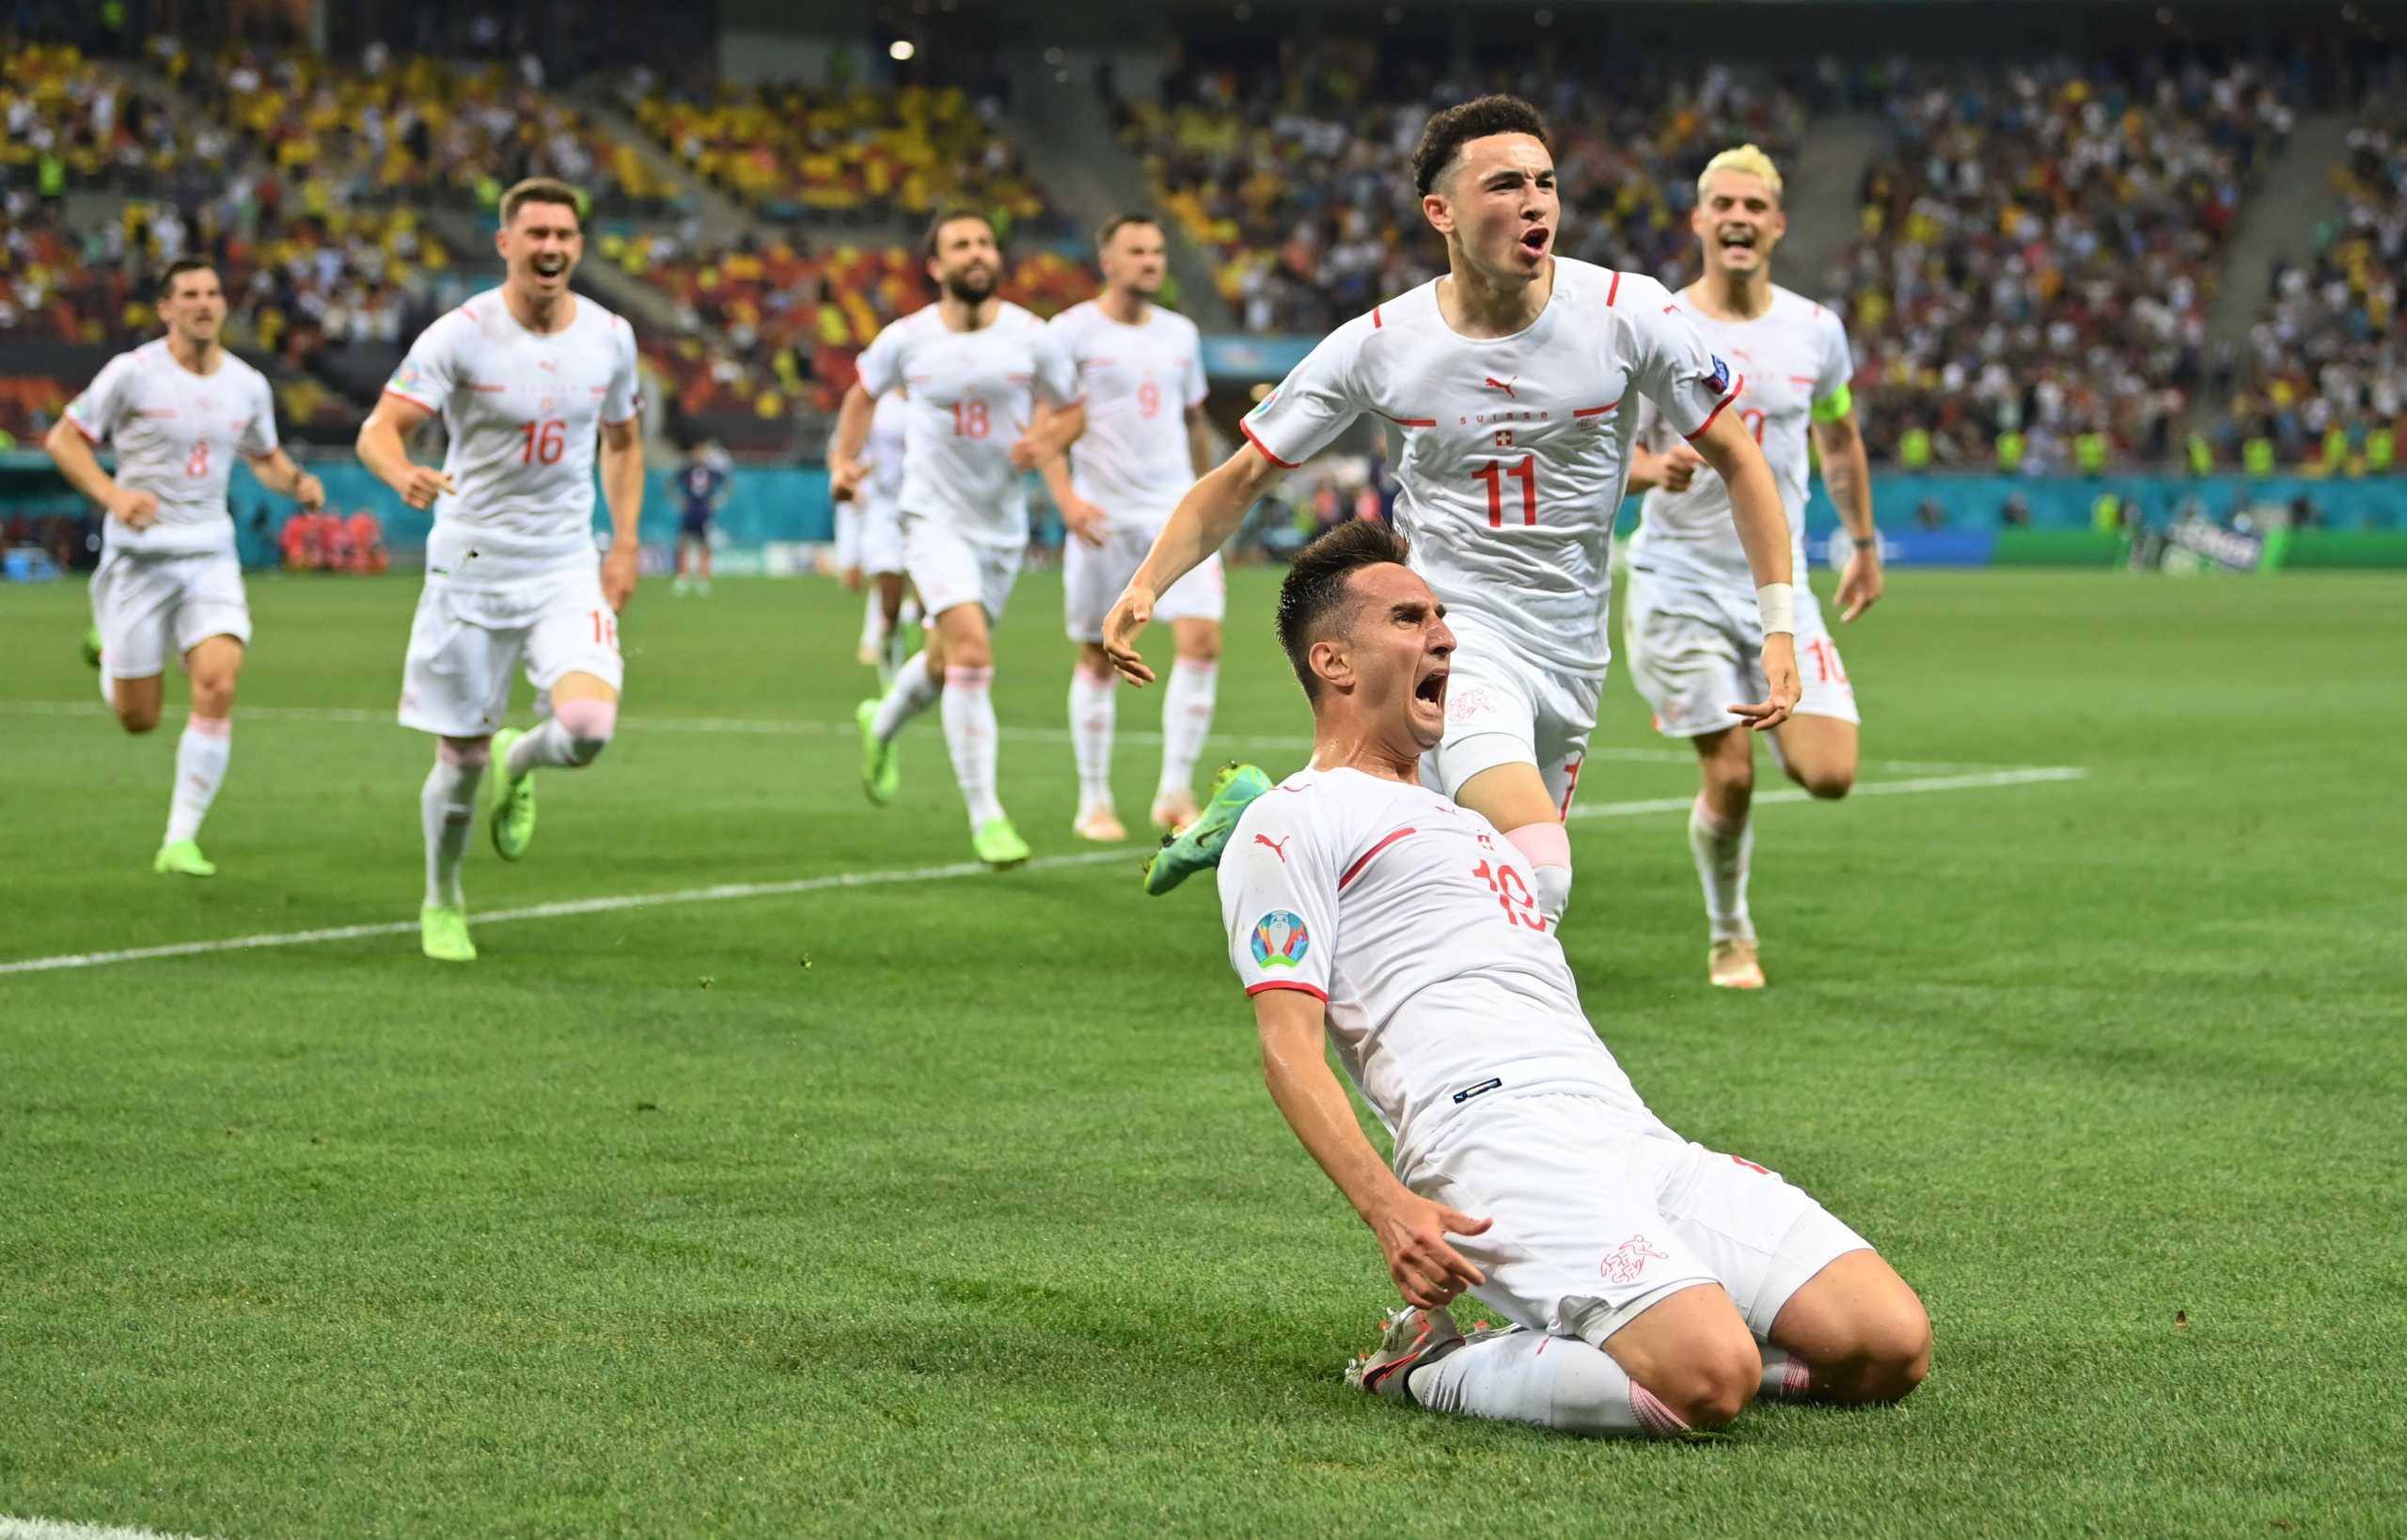 Euro 2020, Γαλλία – Ελβετία: Μιμήθηκαν τους Κροάτες και σόκαραν τους Γάλλους οι Ελβετοί